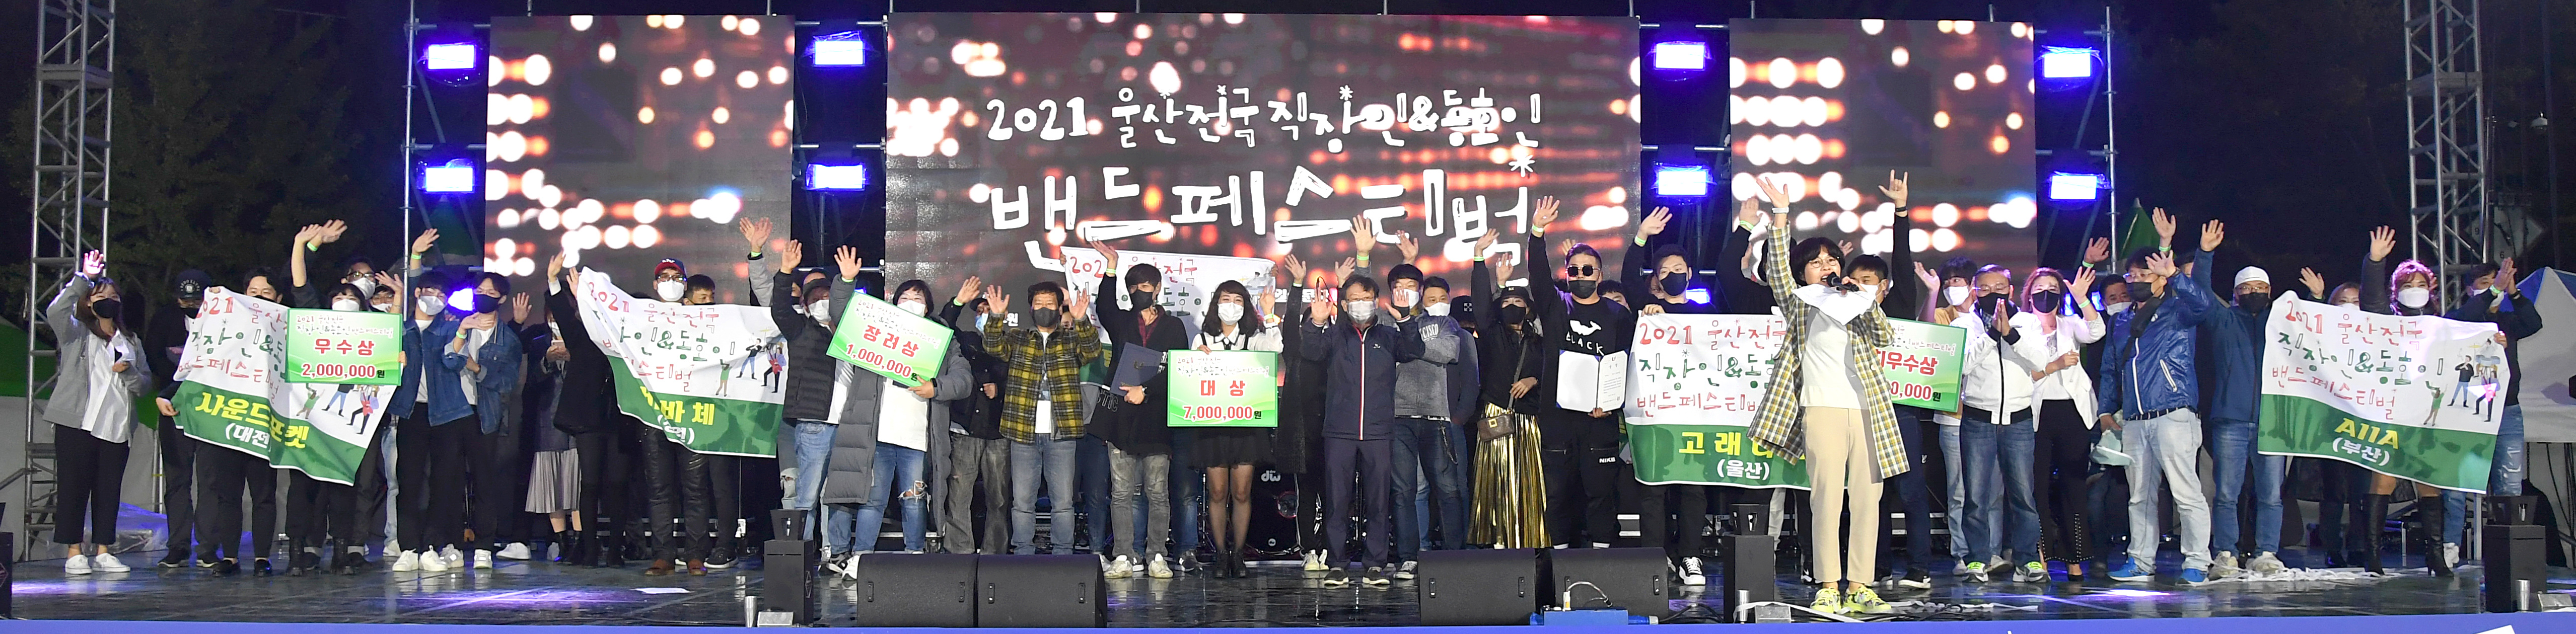 본사주최  '2021 울산전국직장인&동호인 밴드페스티벌' 성료